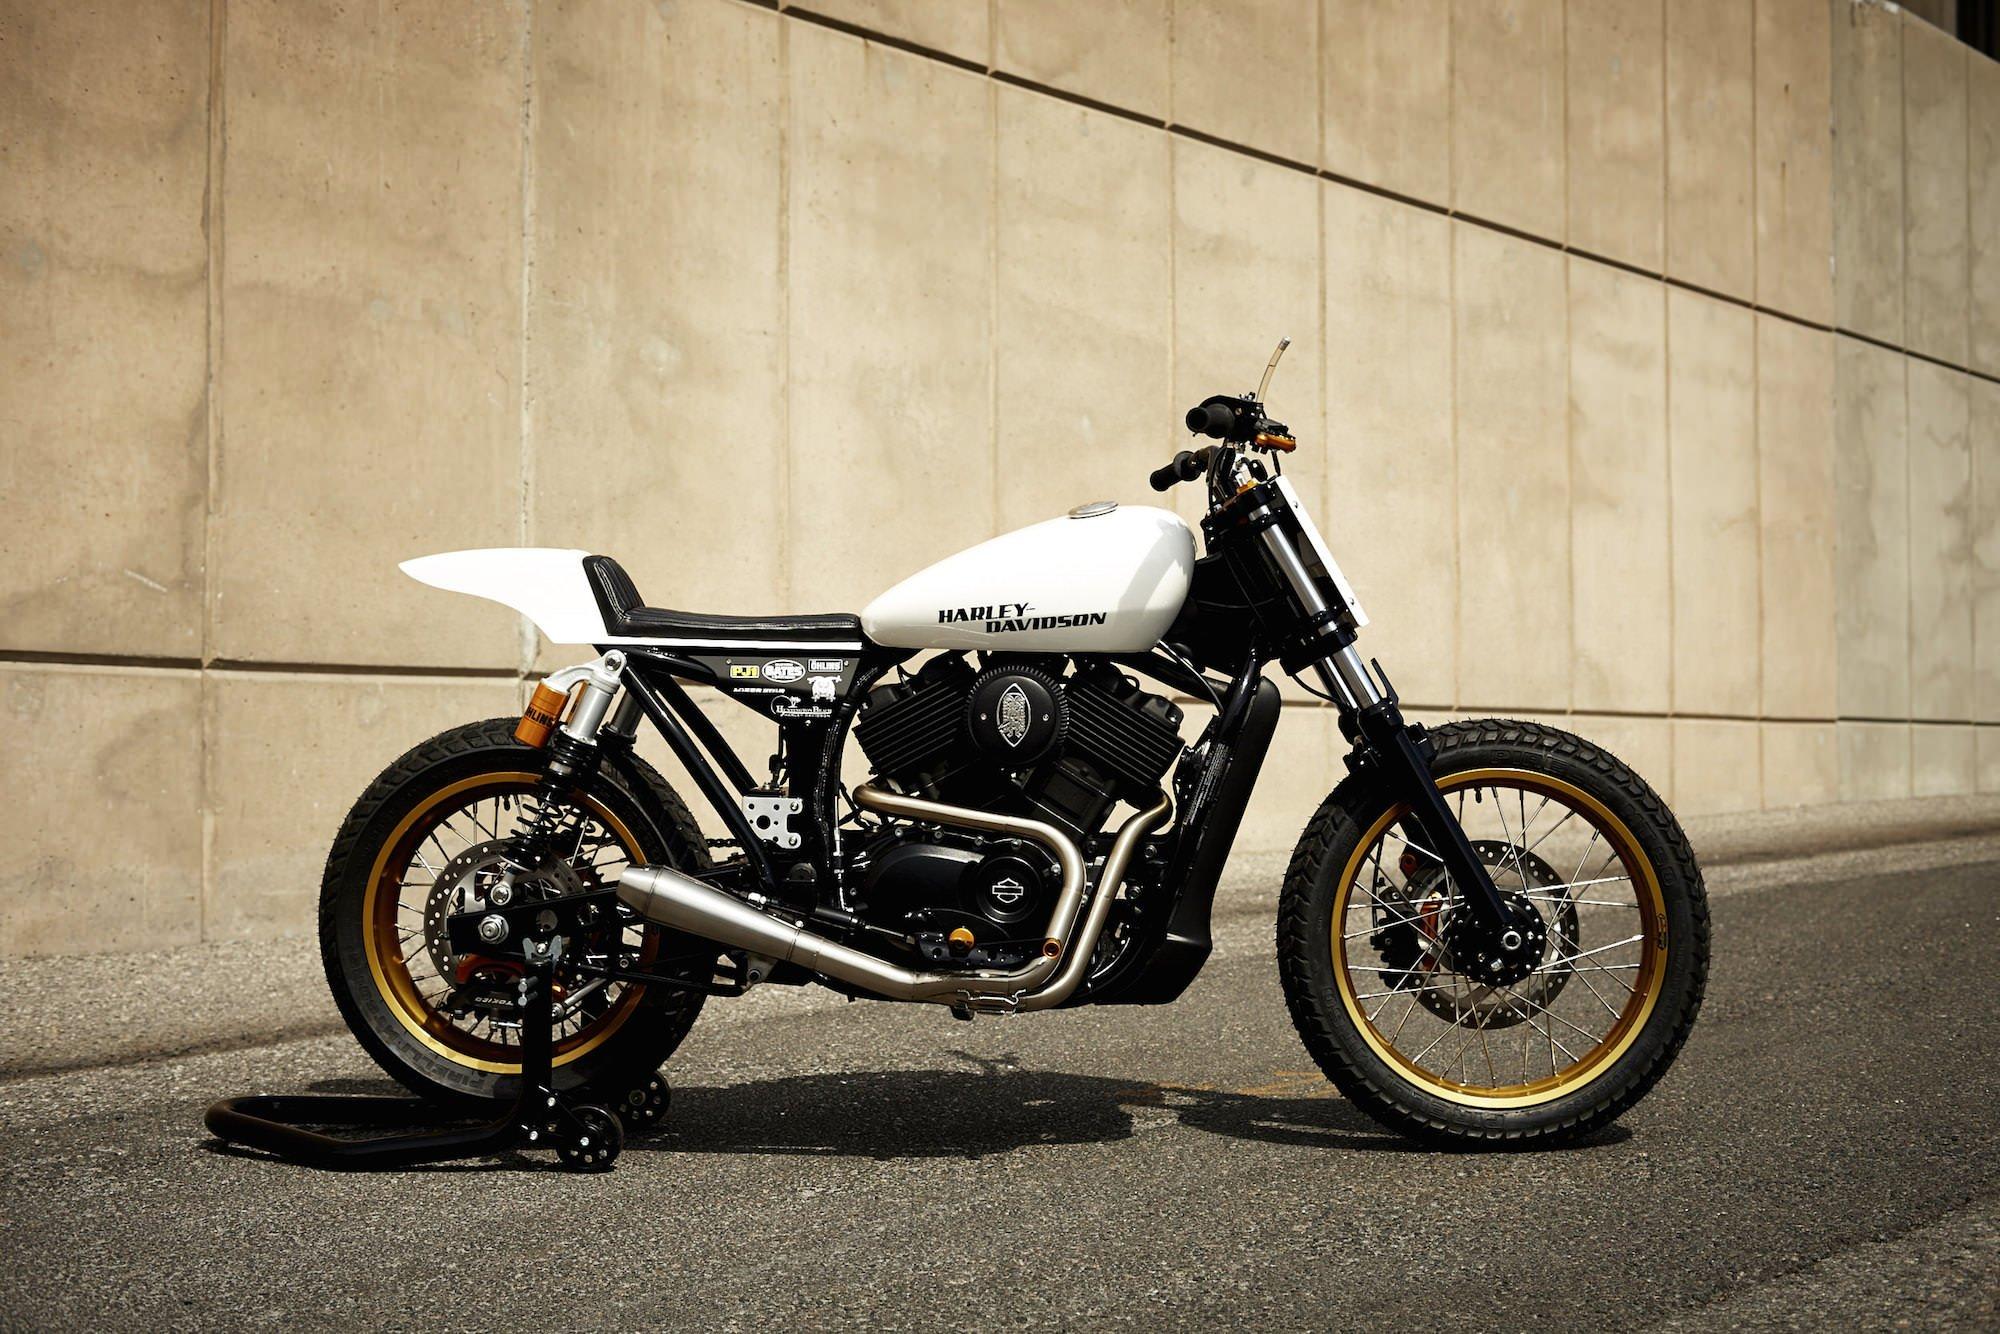 Harley Davidson Dirt Bike Manufactured